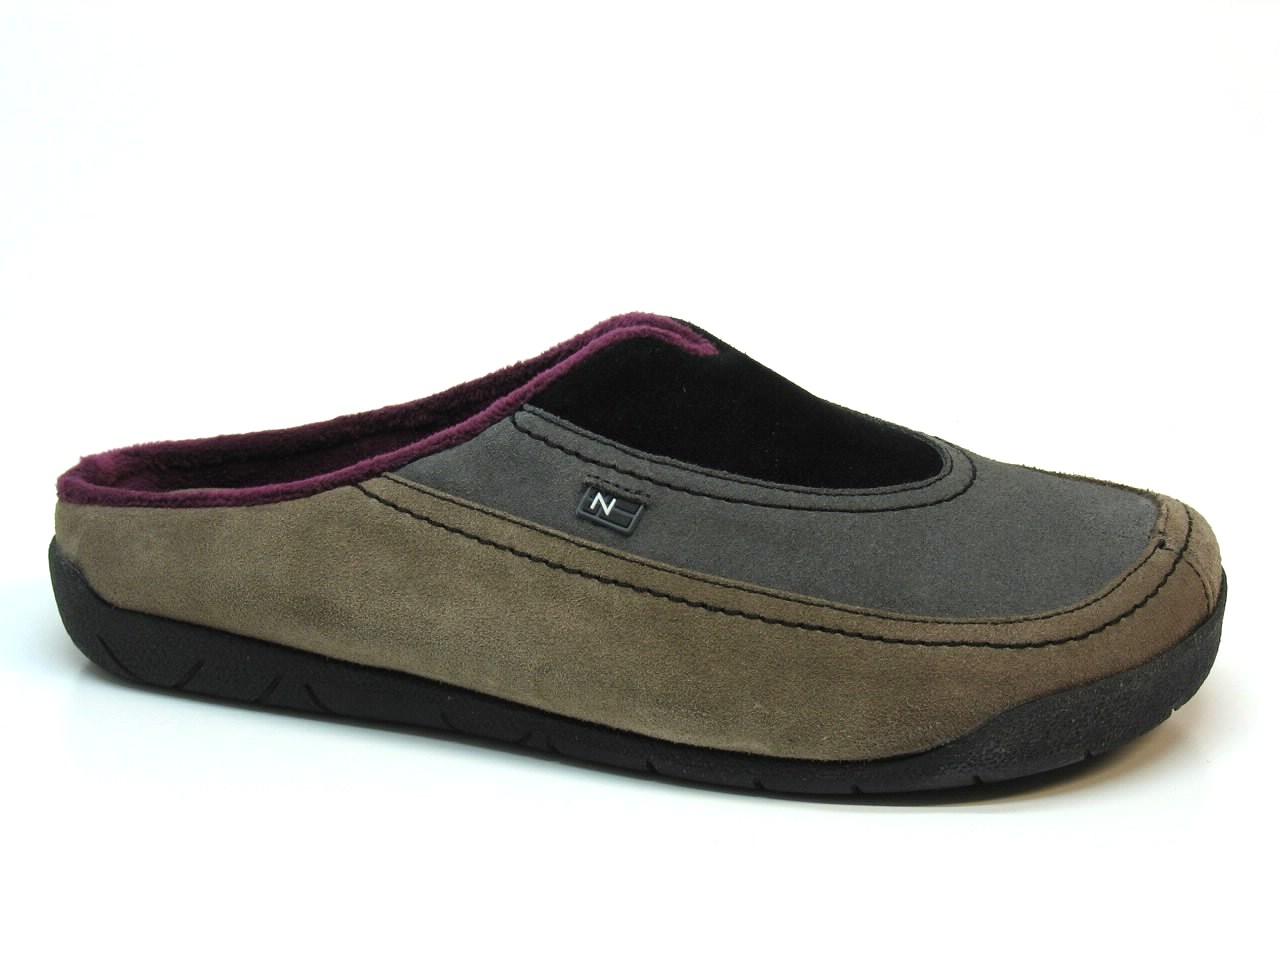 Zapatillas de casa nordikas 3644690 tienda glispe - Zapatillas para casa ...